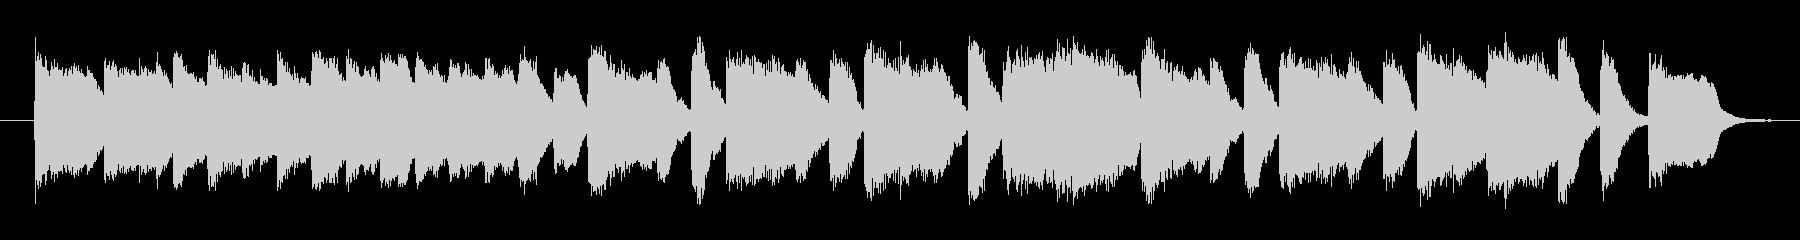 クラシカルなオリジナルピアノサウンドの未再生の波形